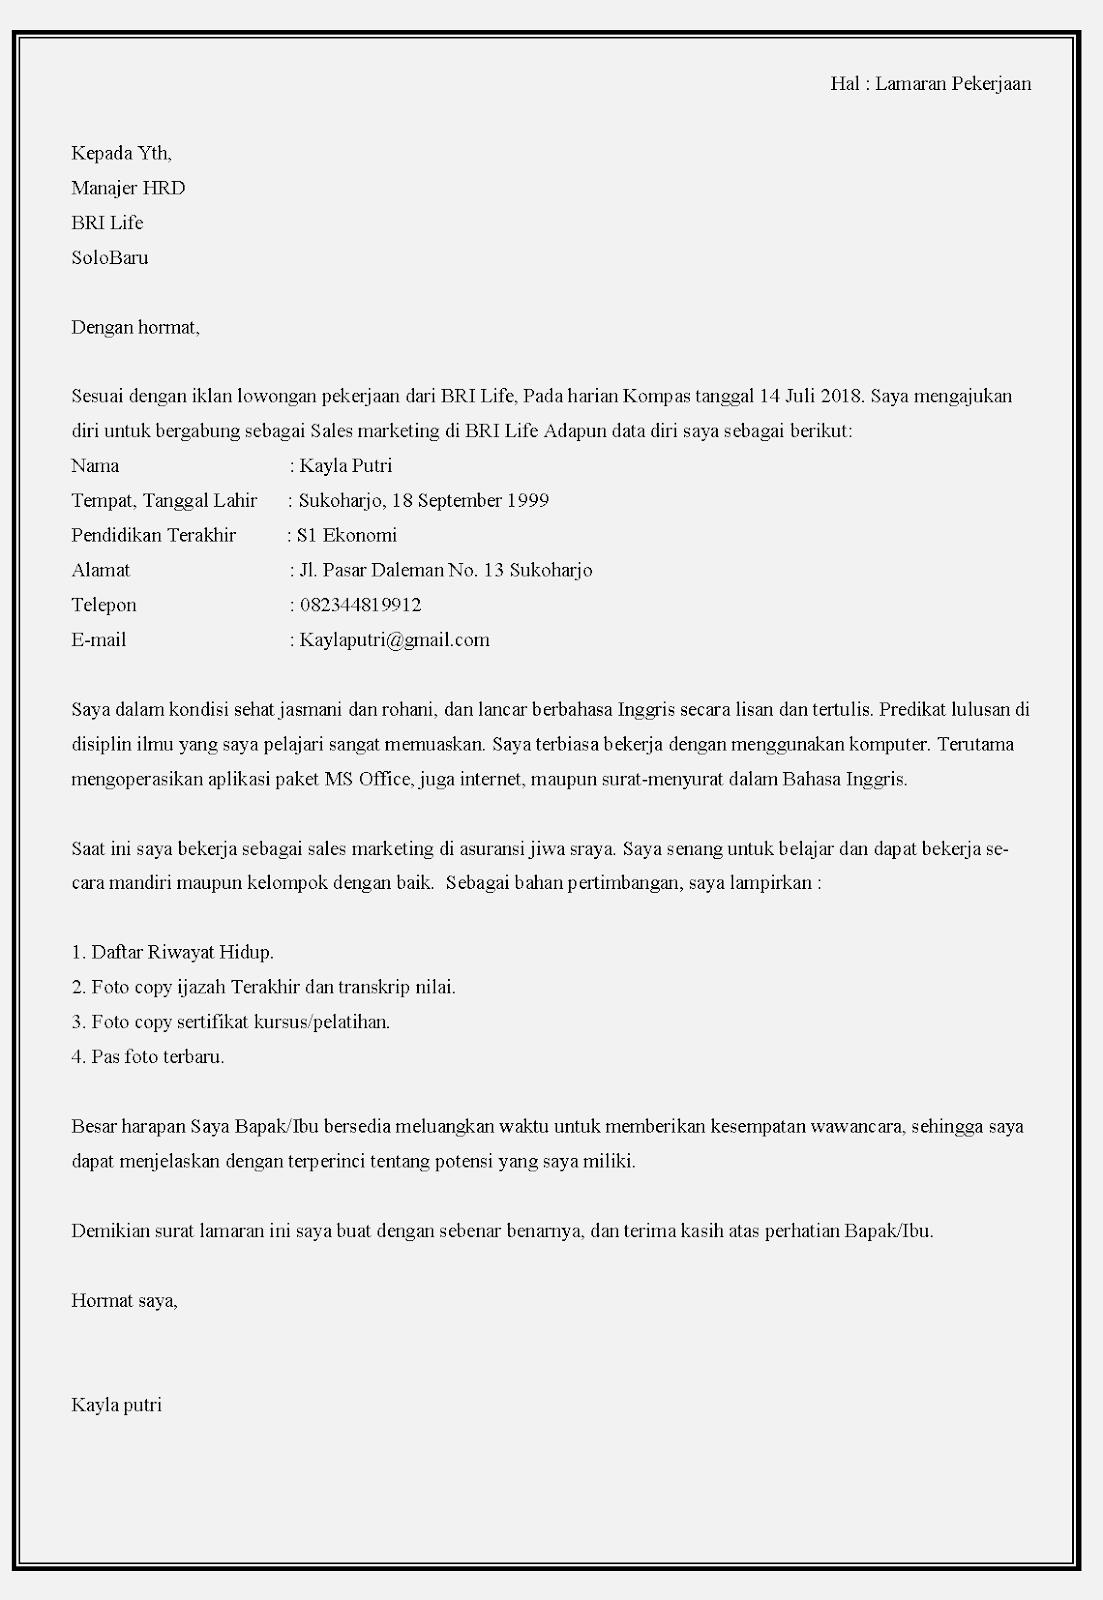 Contoh Surat Lamaran Kerja Office Boy Dalam Bahasa Inggris